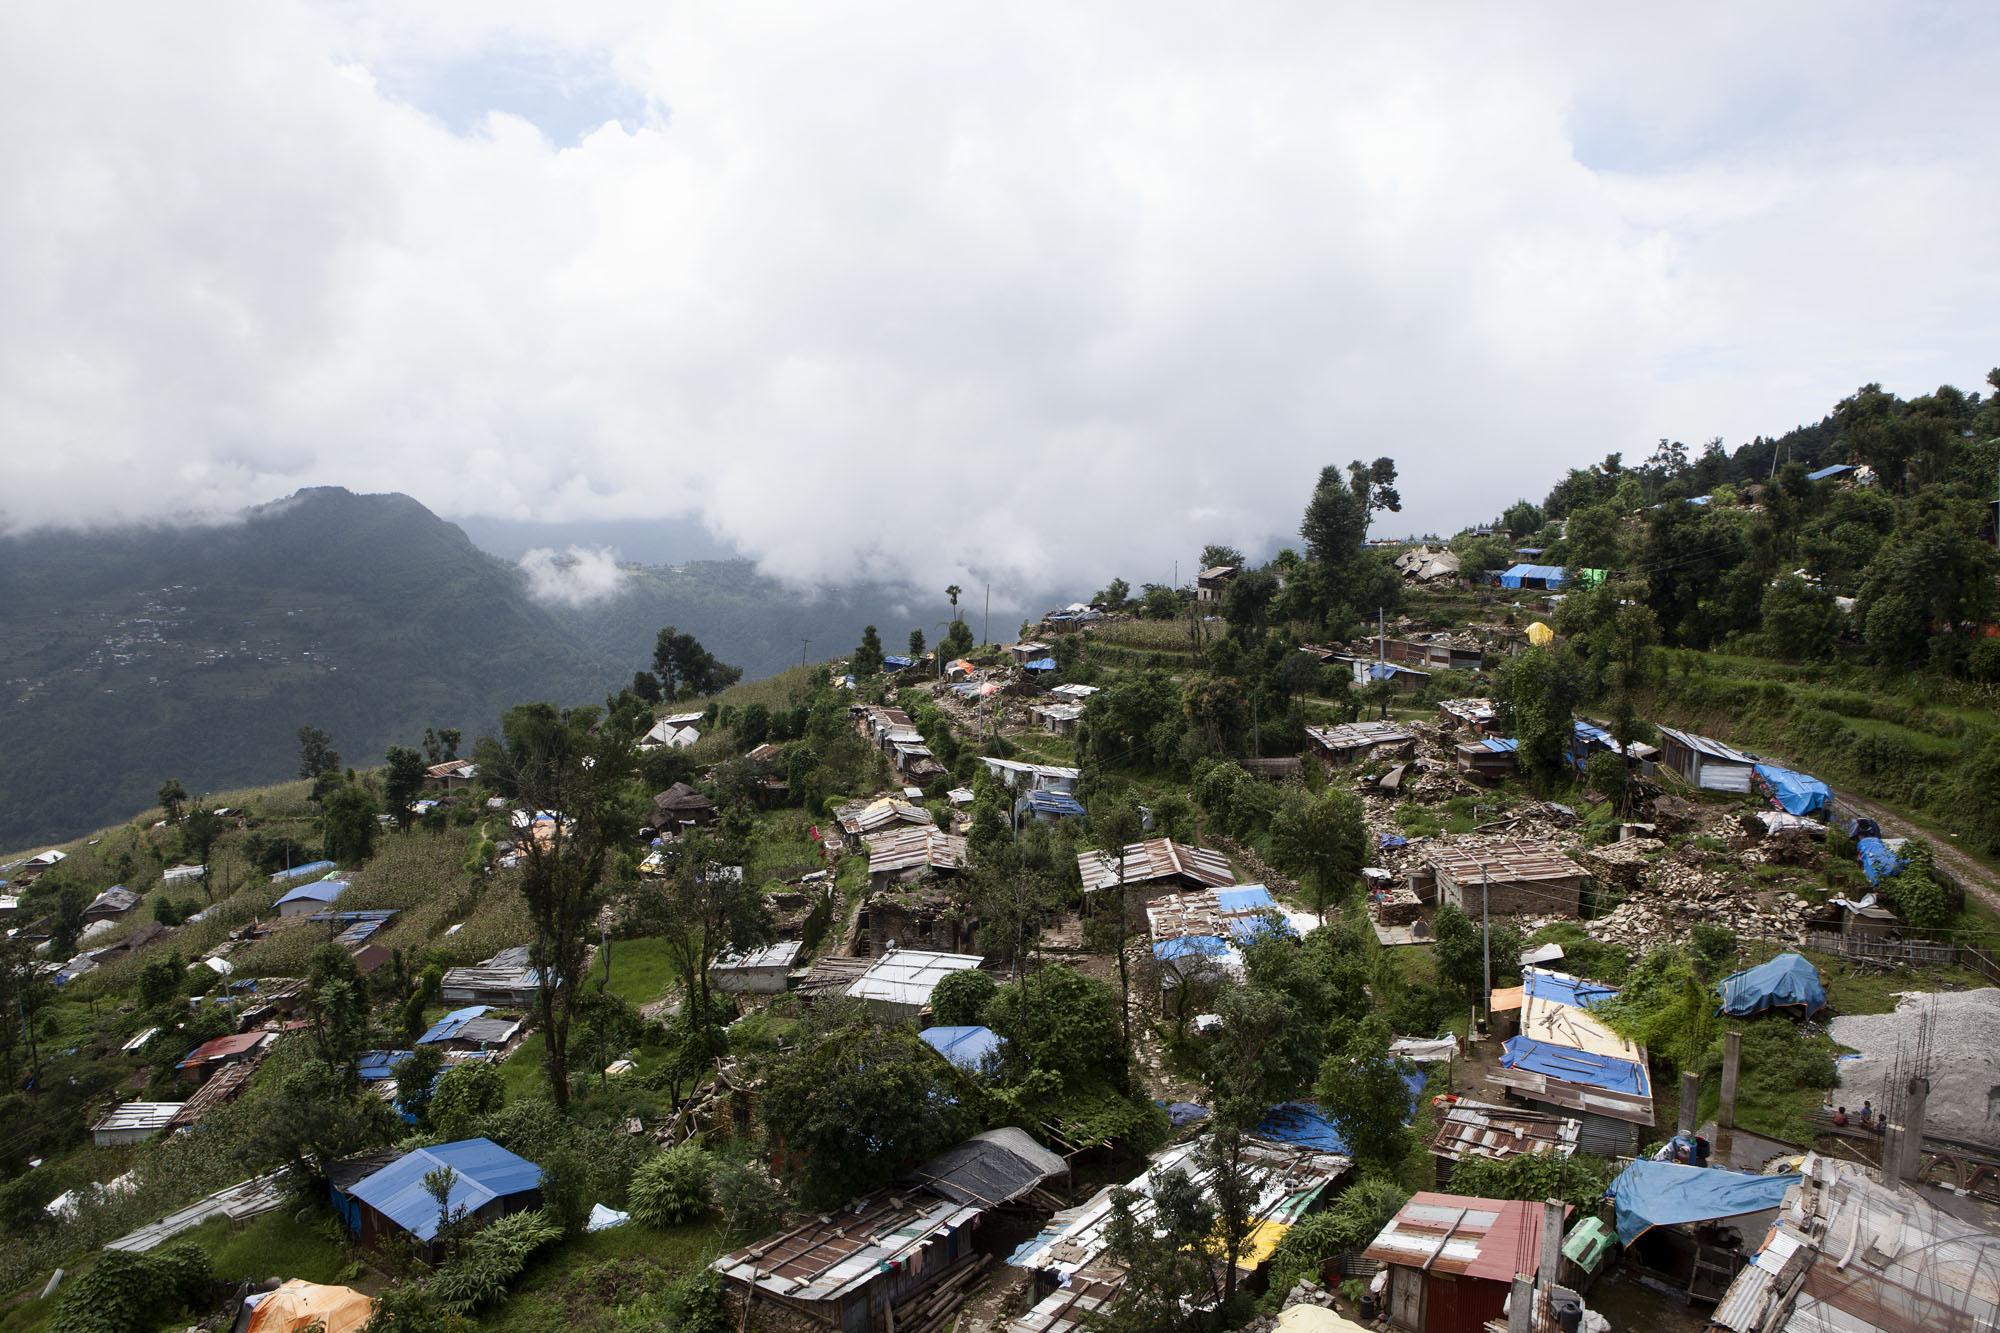 Overview Tauthali Village, Sindupalchowk District, Nepal. August 4, 2015.